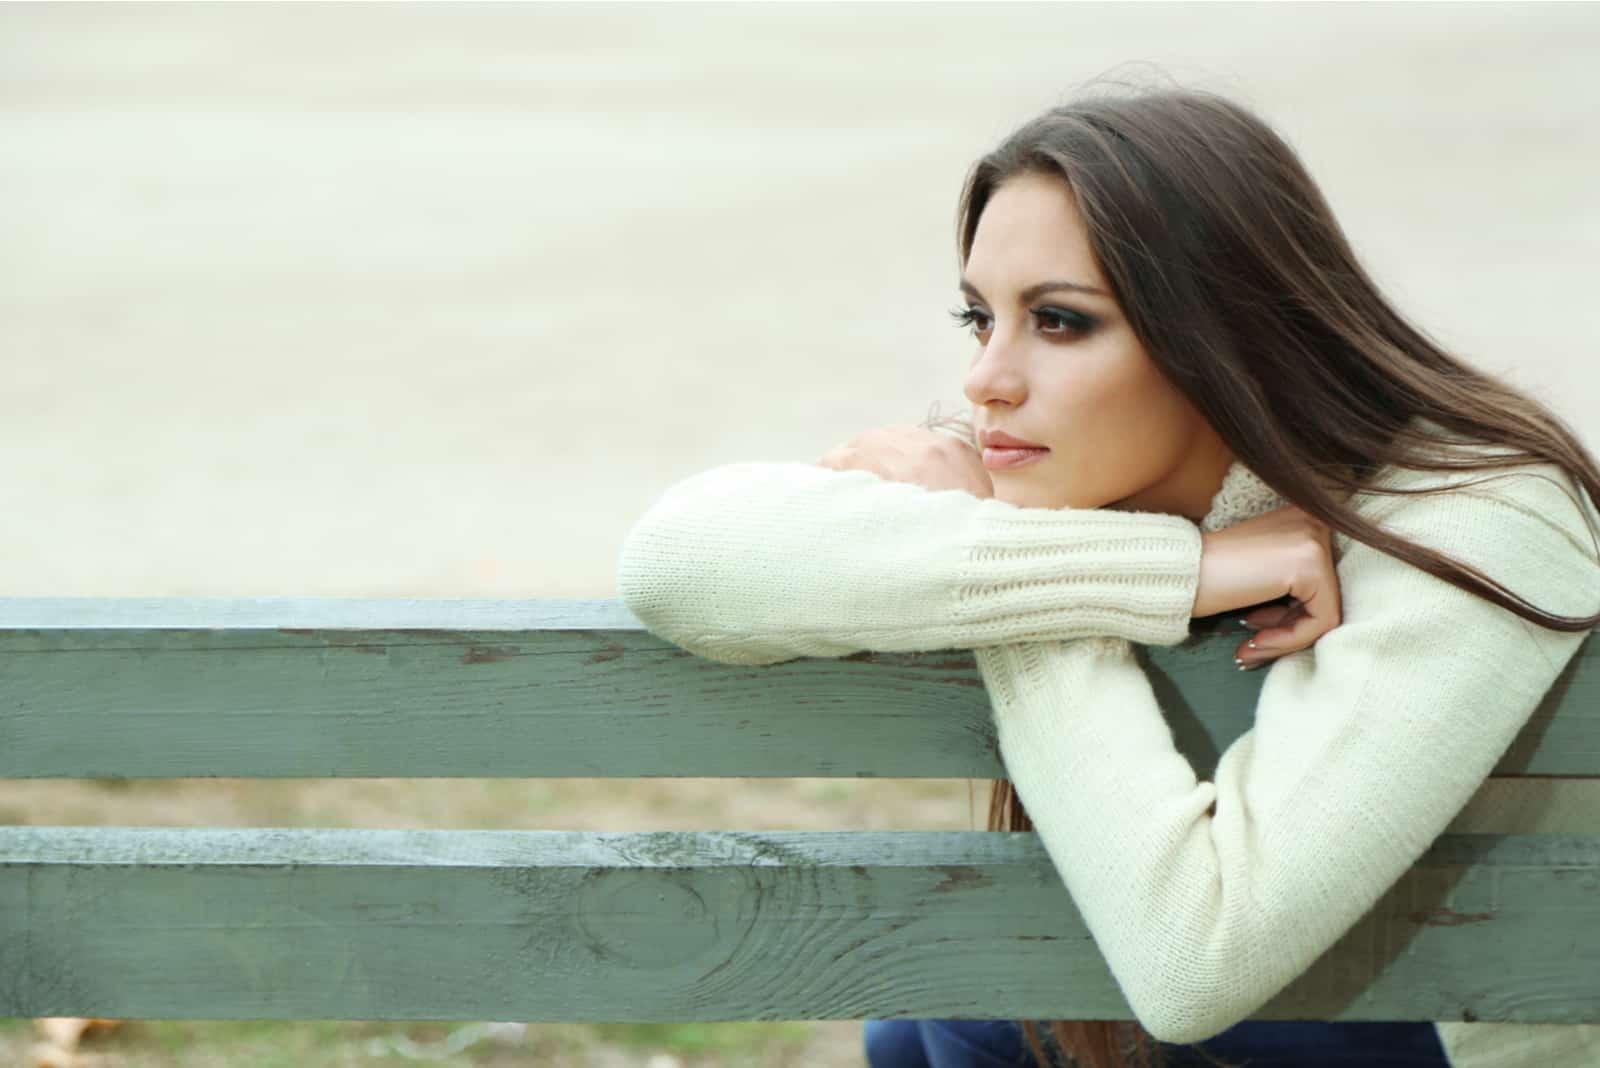 Une femme imaginaire est assise appuyée contre un banc de parc